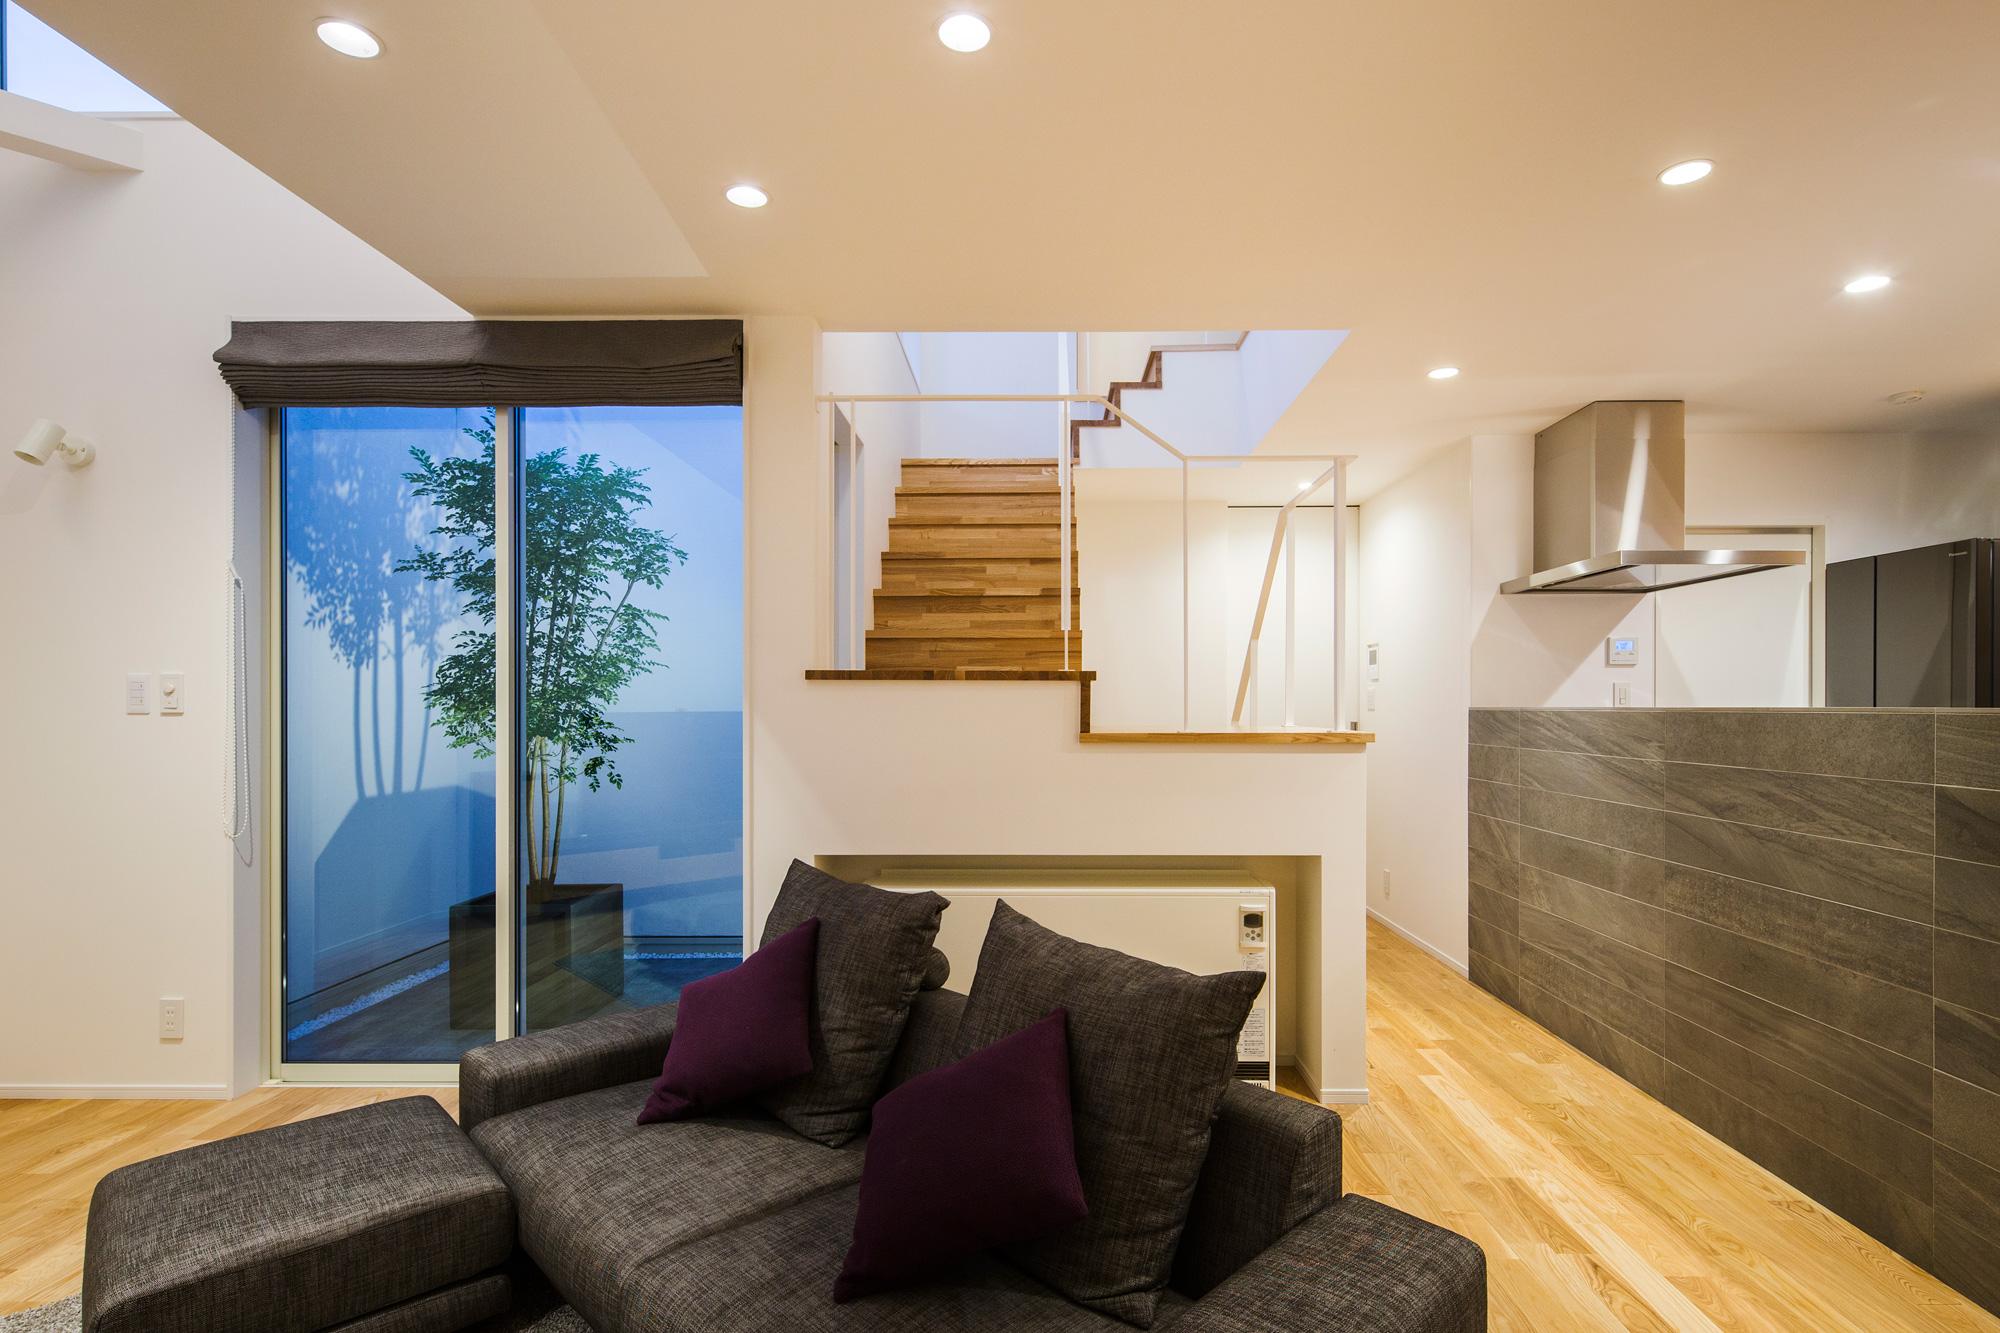 リビングから中庭・階段を見る:中庭とリビングと階段とキッチン、それぞれの関係性を意識しながら空間を構成しました